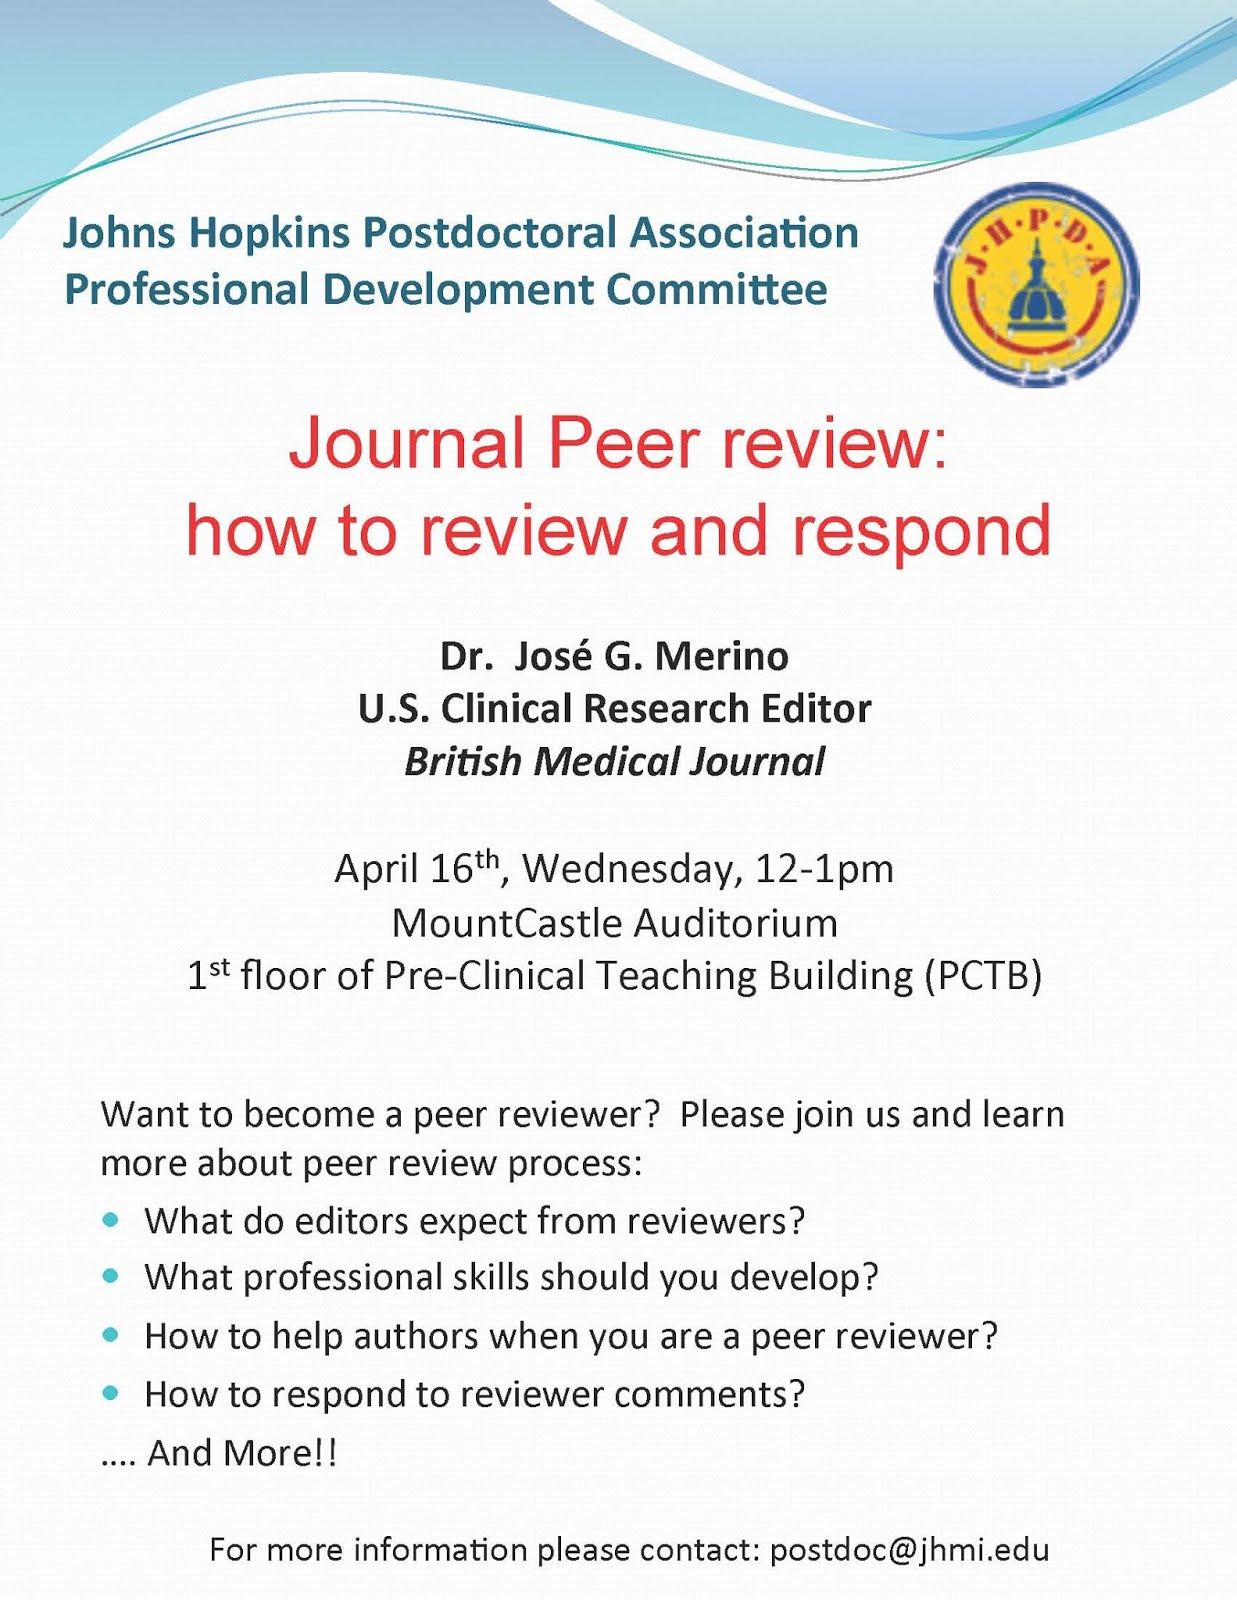 peer review seminar.jpg